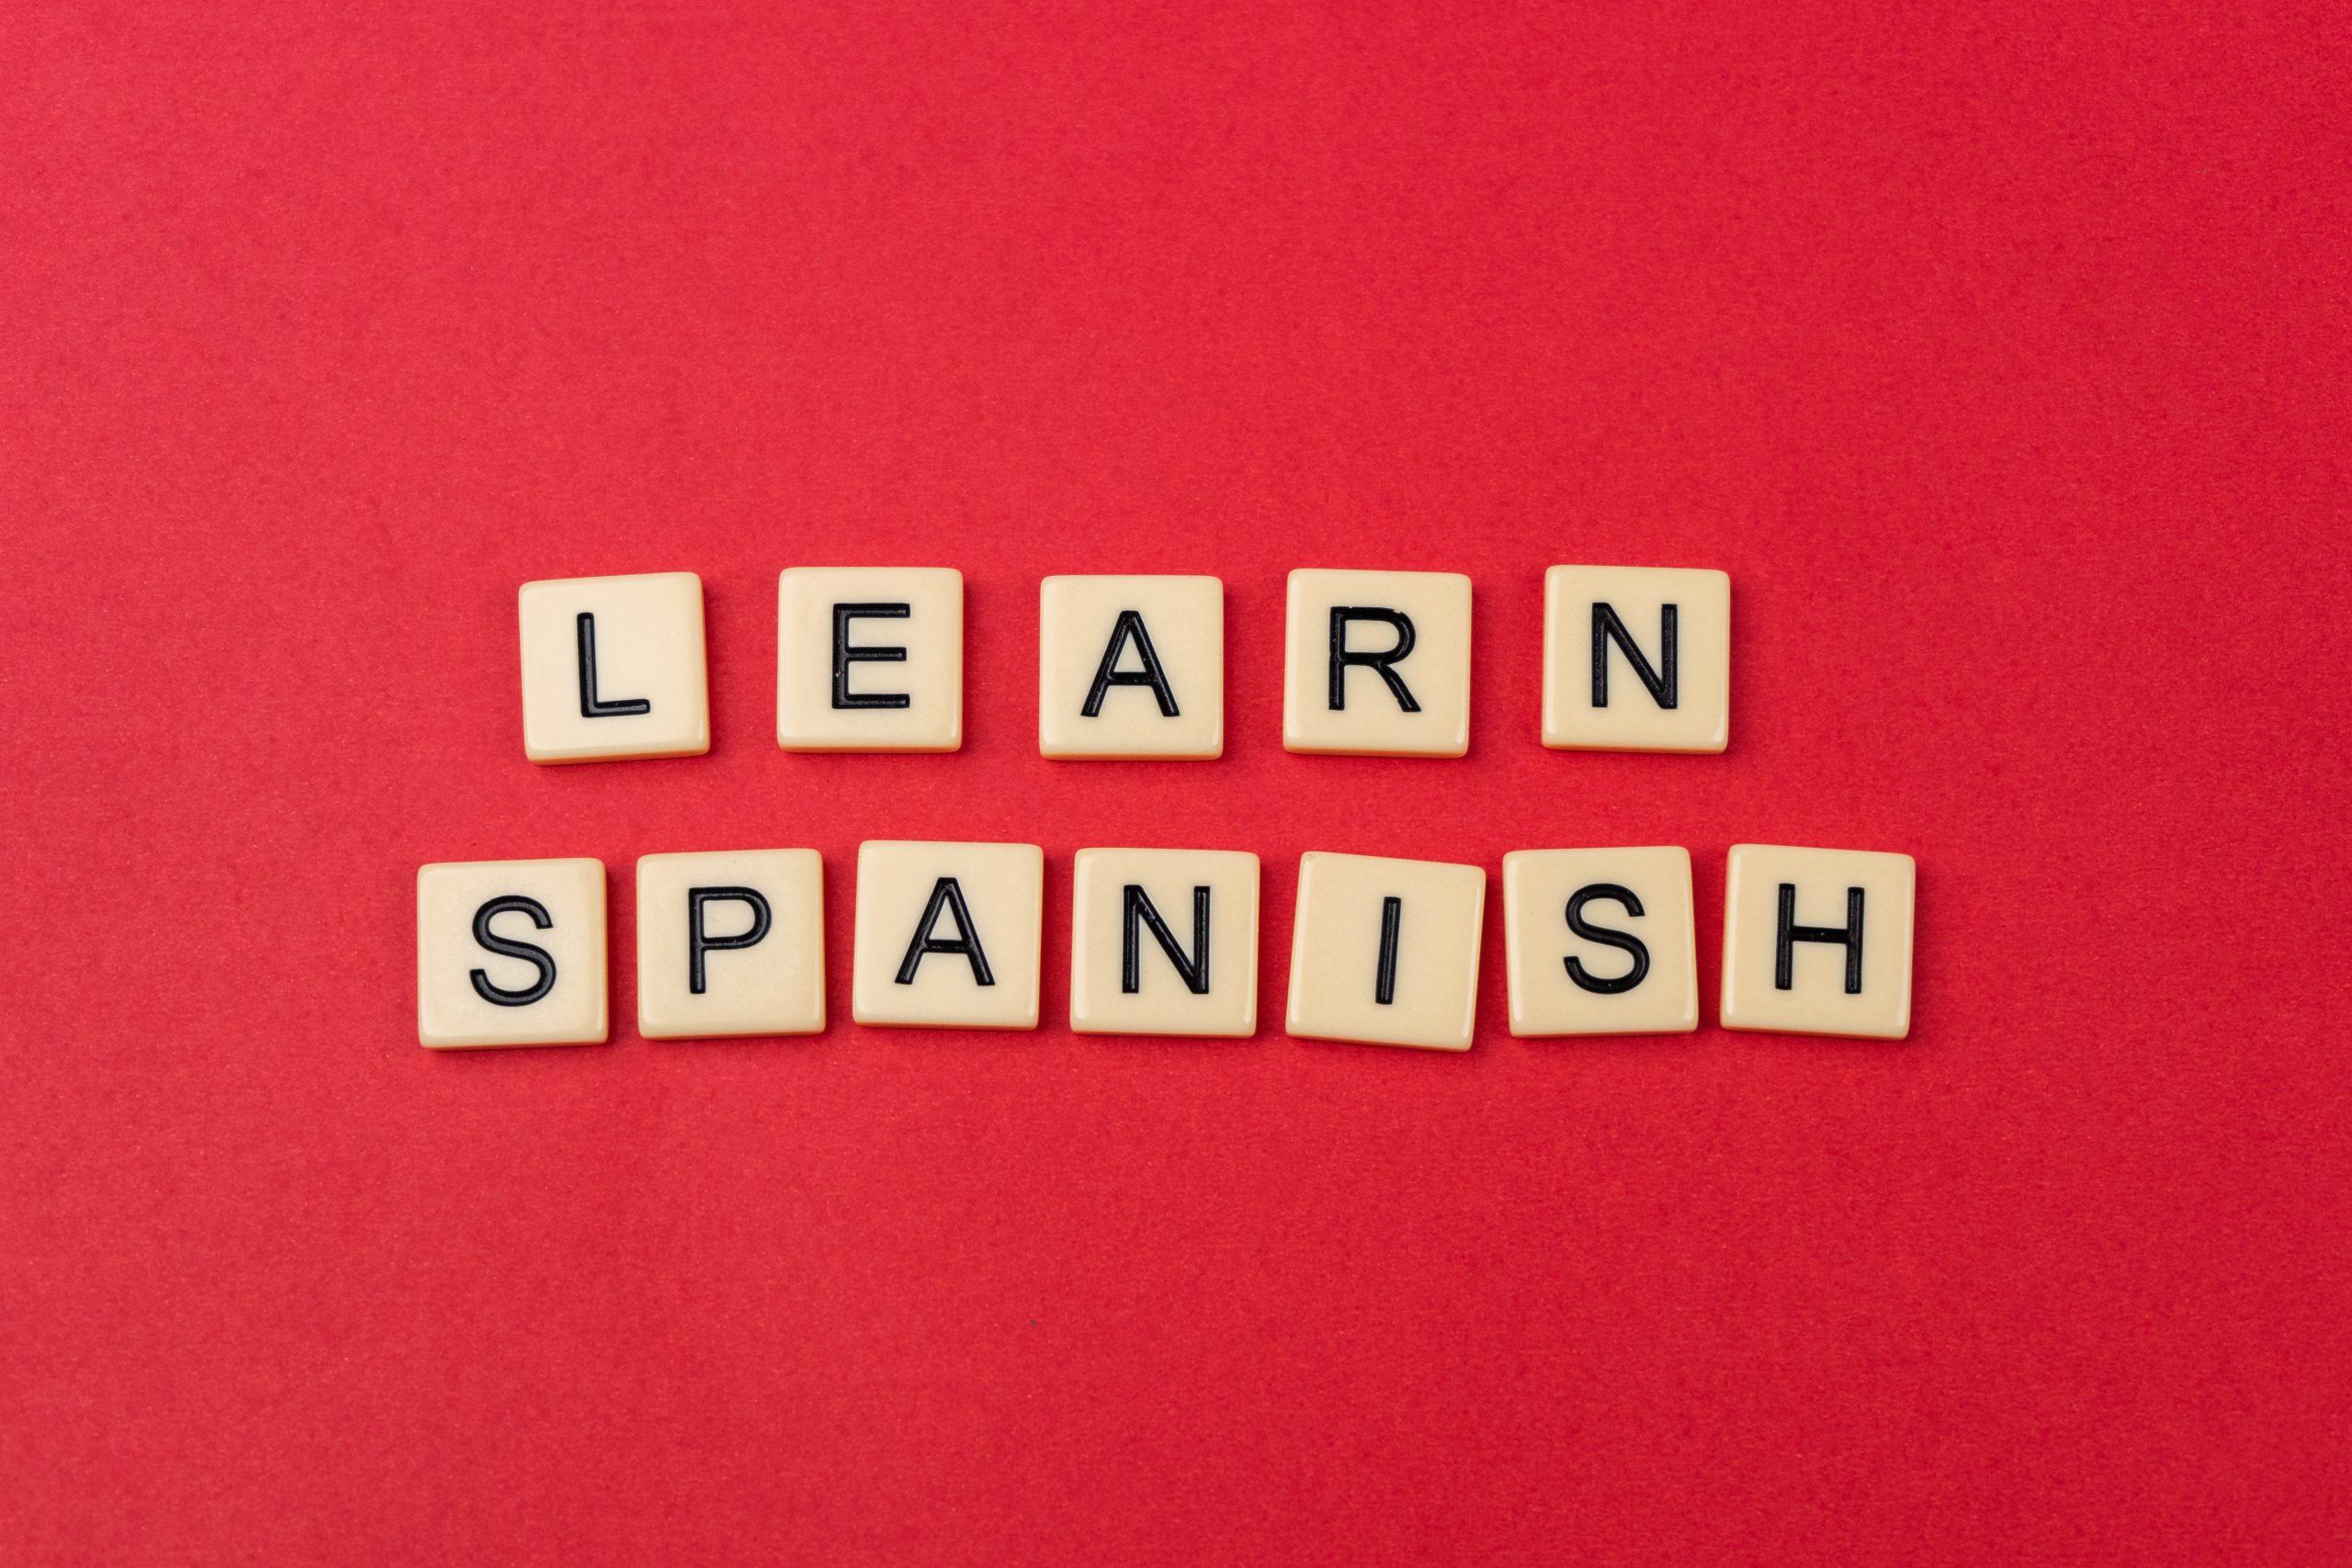 Learn spanish written with scrabble